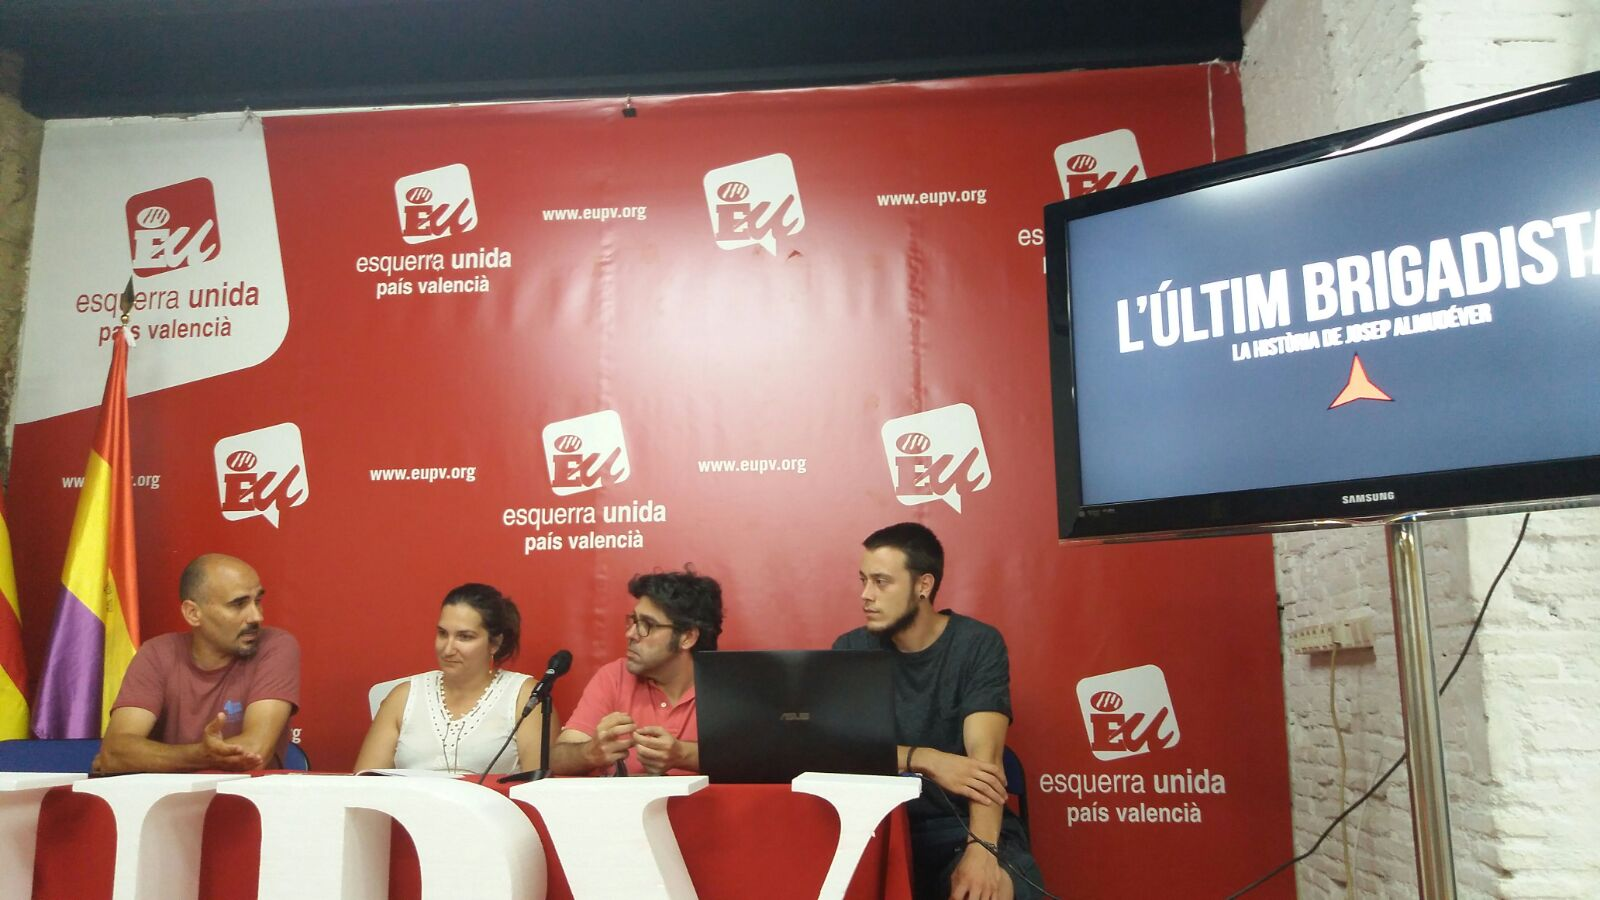 EUPV participa en la coproducció d'un documental que narra la història de l'últim brigadista, Josep Almudéver